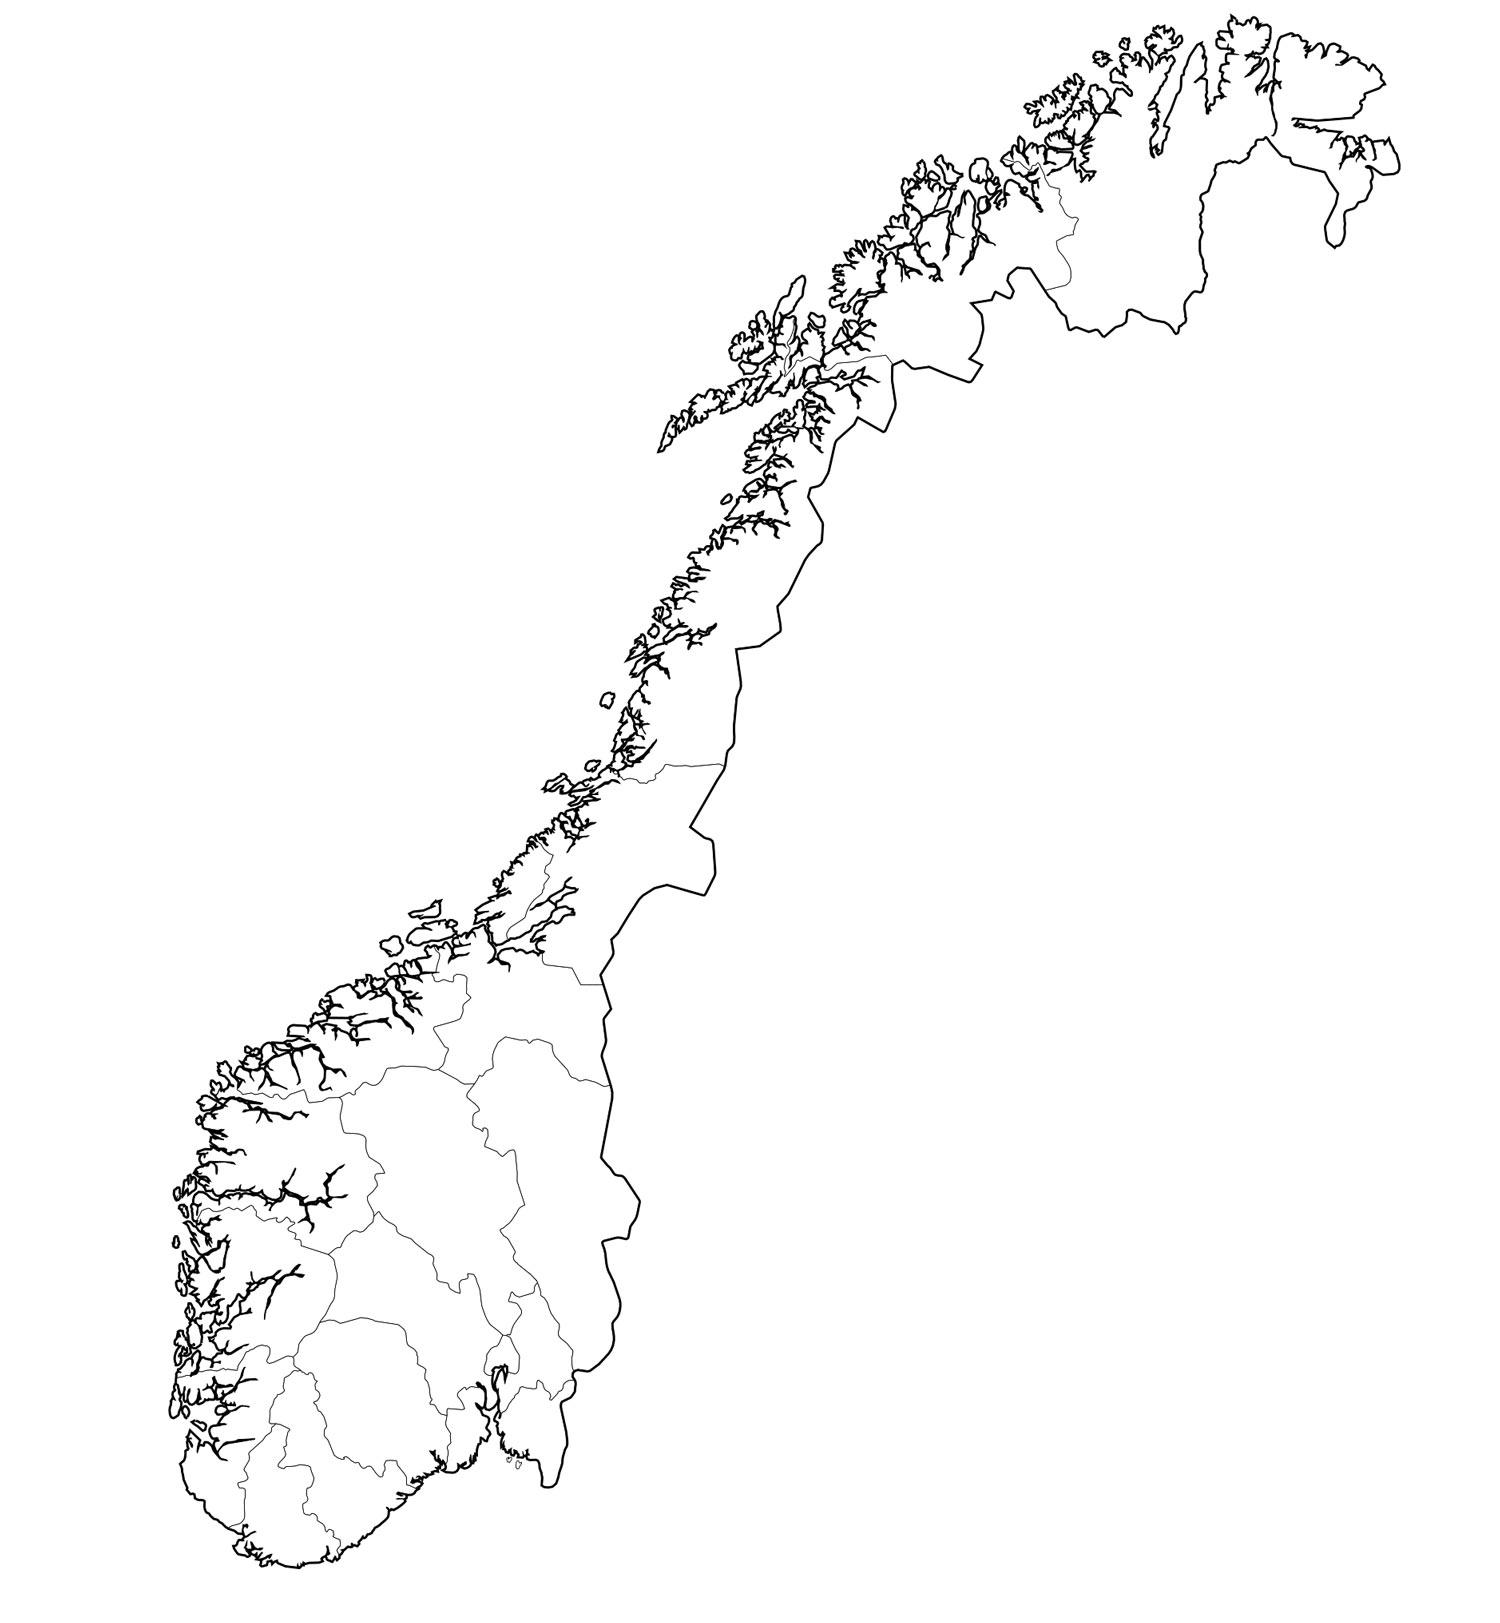 kart over tomter norge Norgeskart :)   ThingLink kart over tomter norge